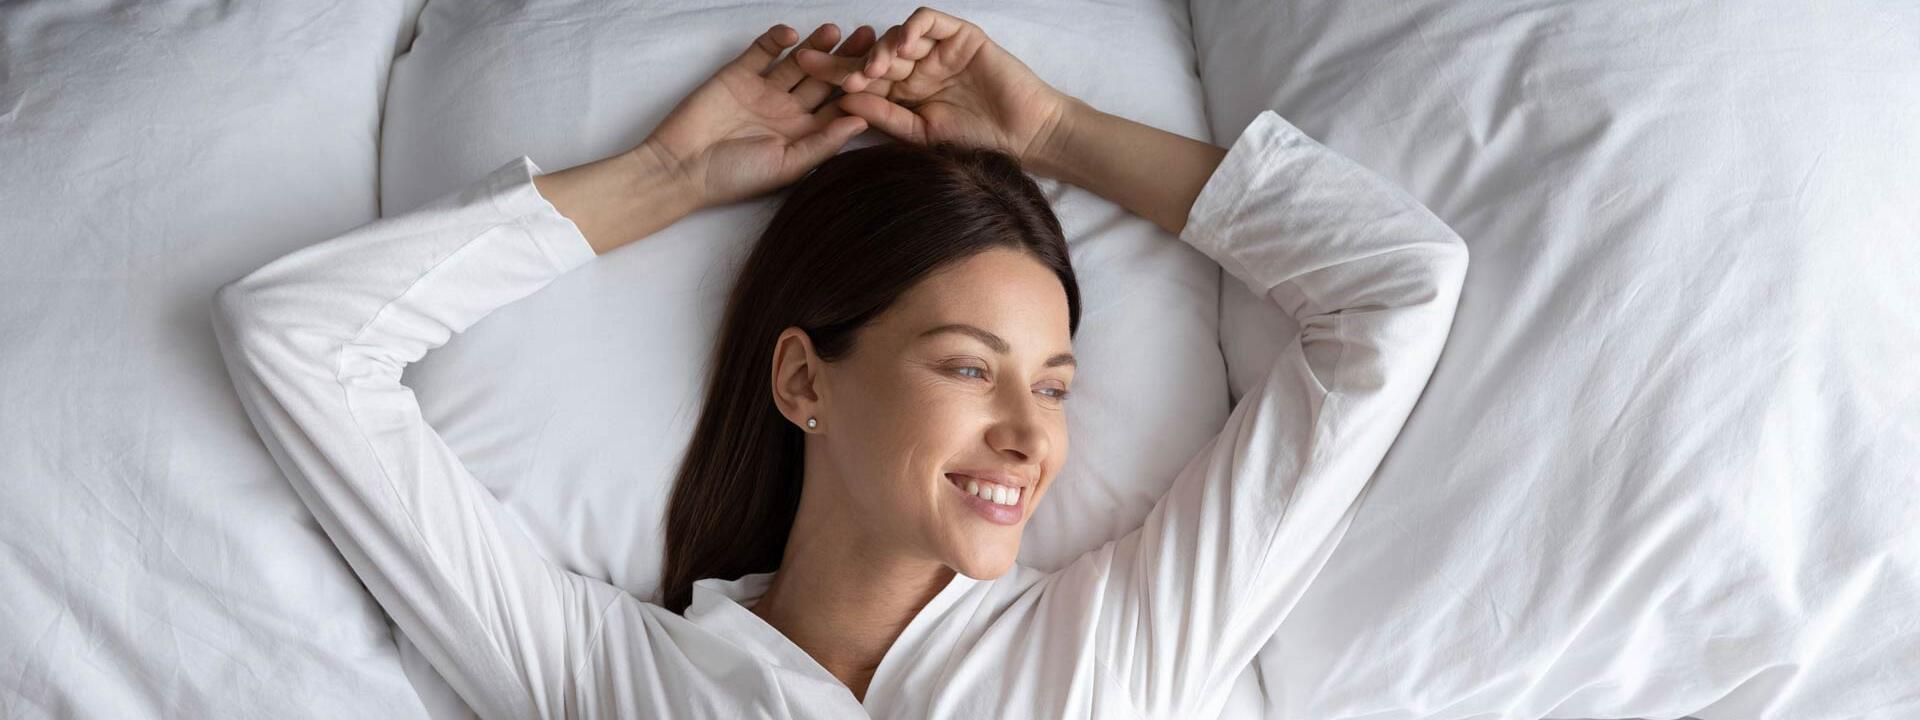 fortunaresort fr commentaires-hotel-toscane 012